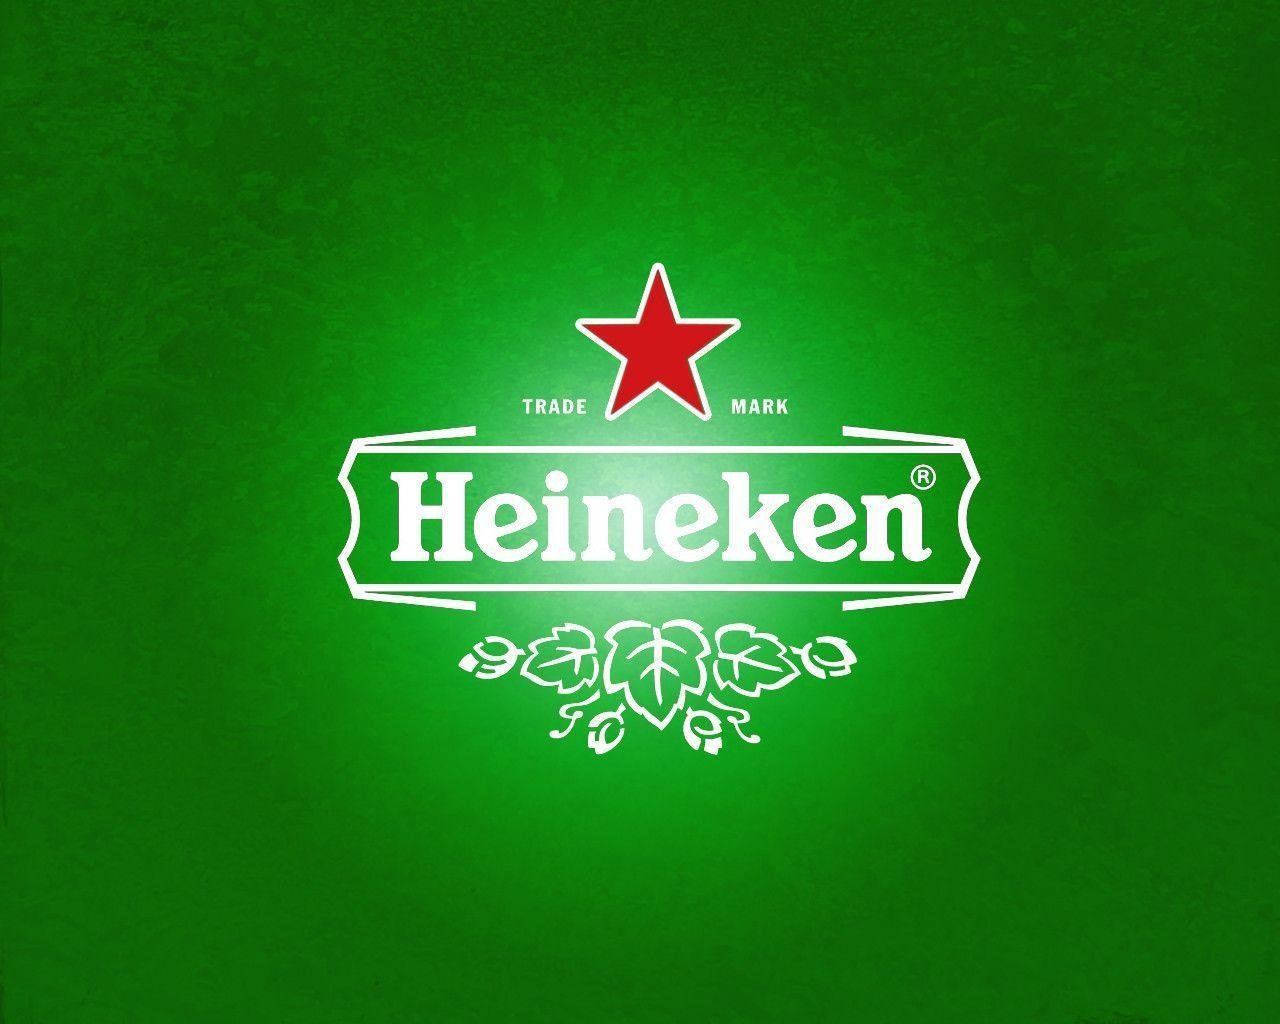 Heineken Wallpapers - Wallpaper Cave